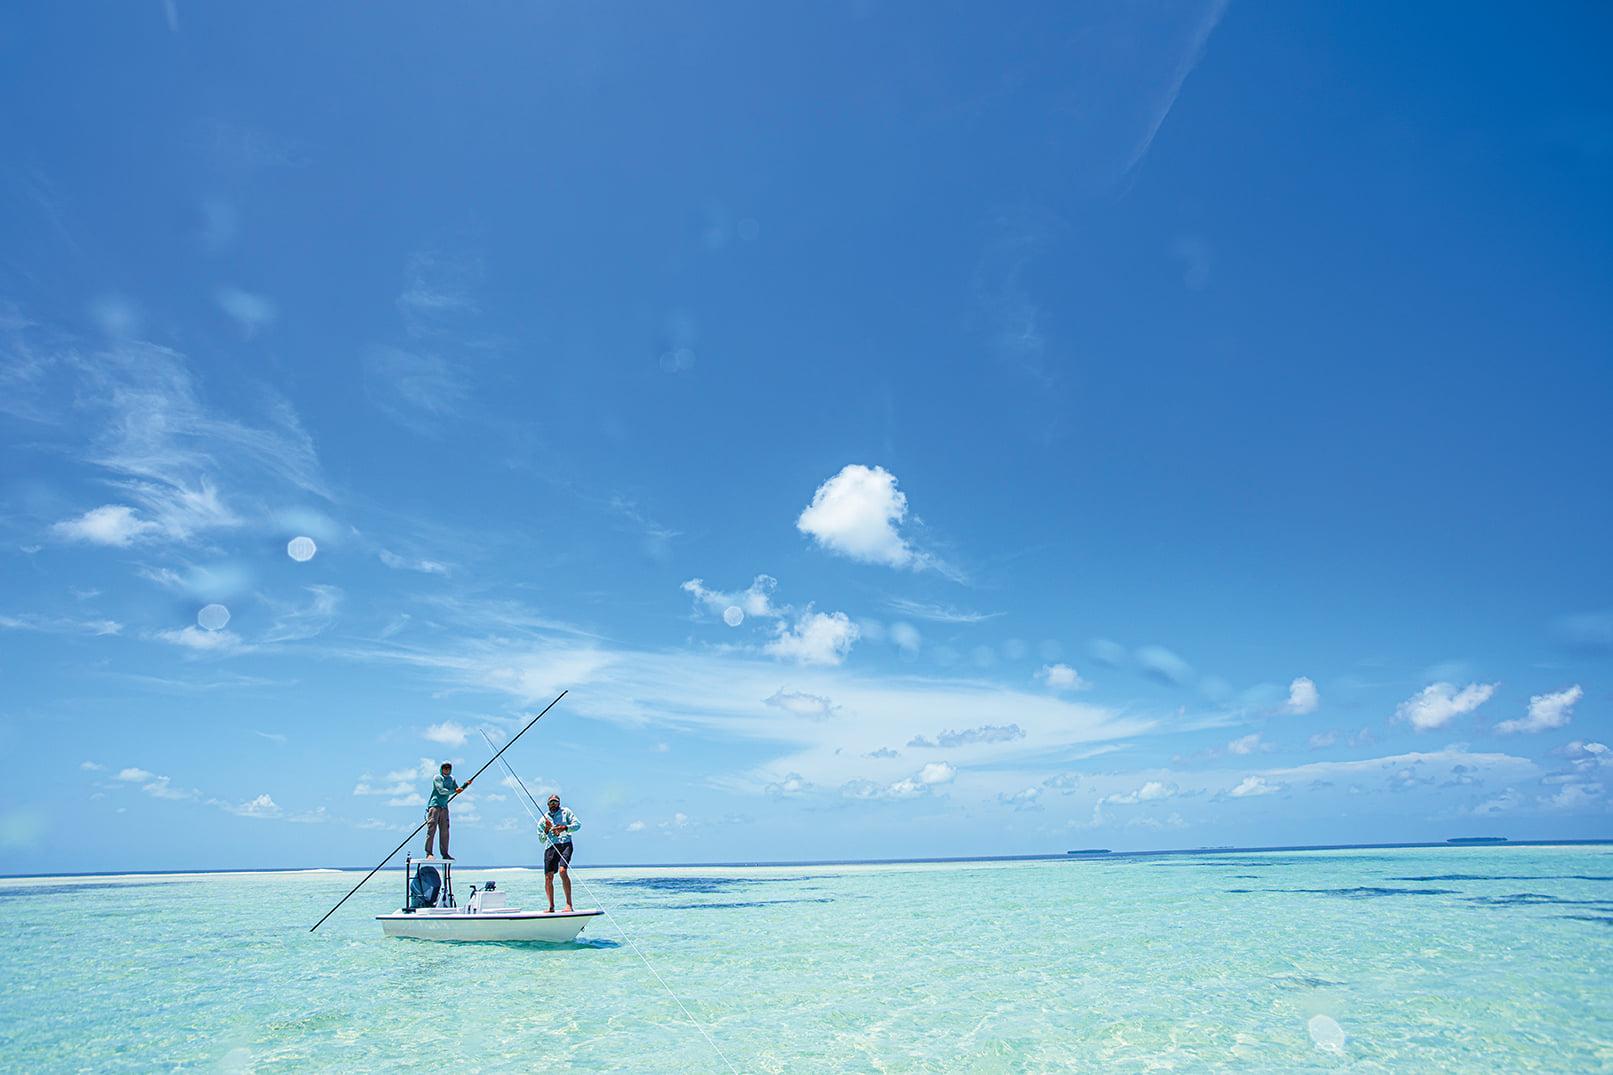 Keys Holiday Rentals Upper Florida Keys Islamorada Area Fishing.